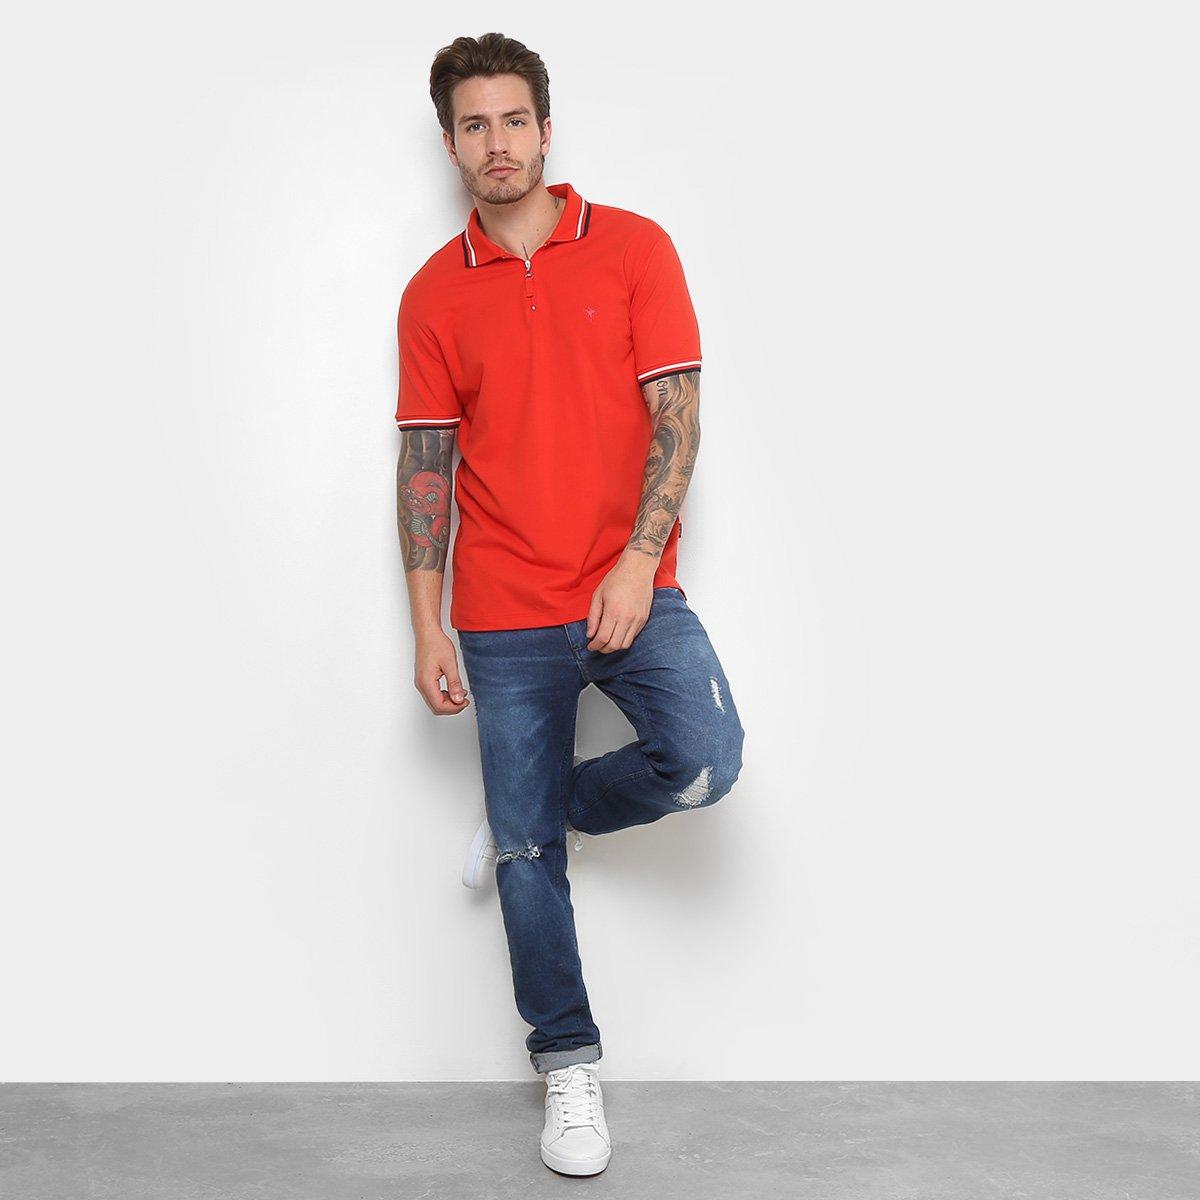 Camisa Polo Cavalera com Zíper Masculina - Vermelho - Compre Agora ... 81d720f5f06c6